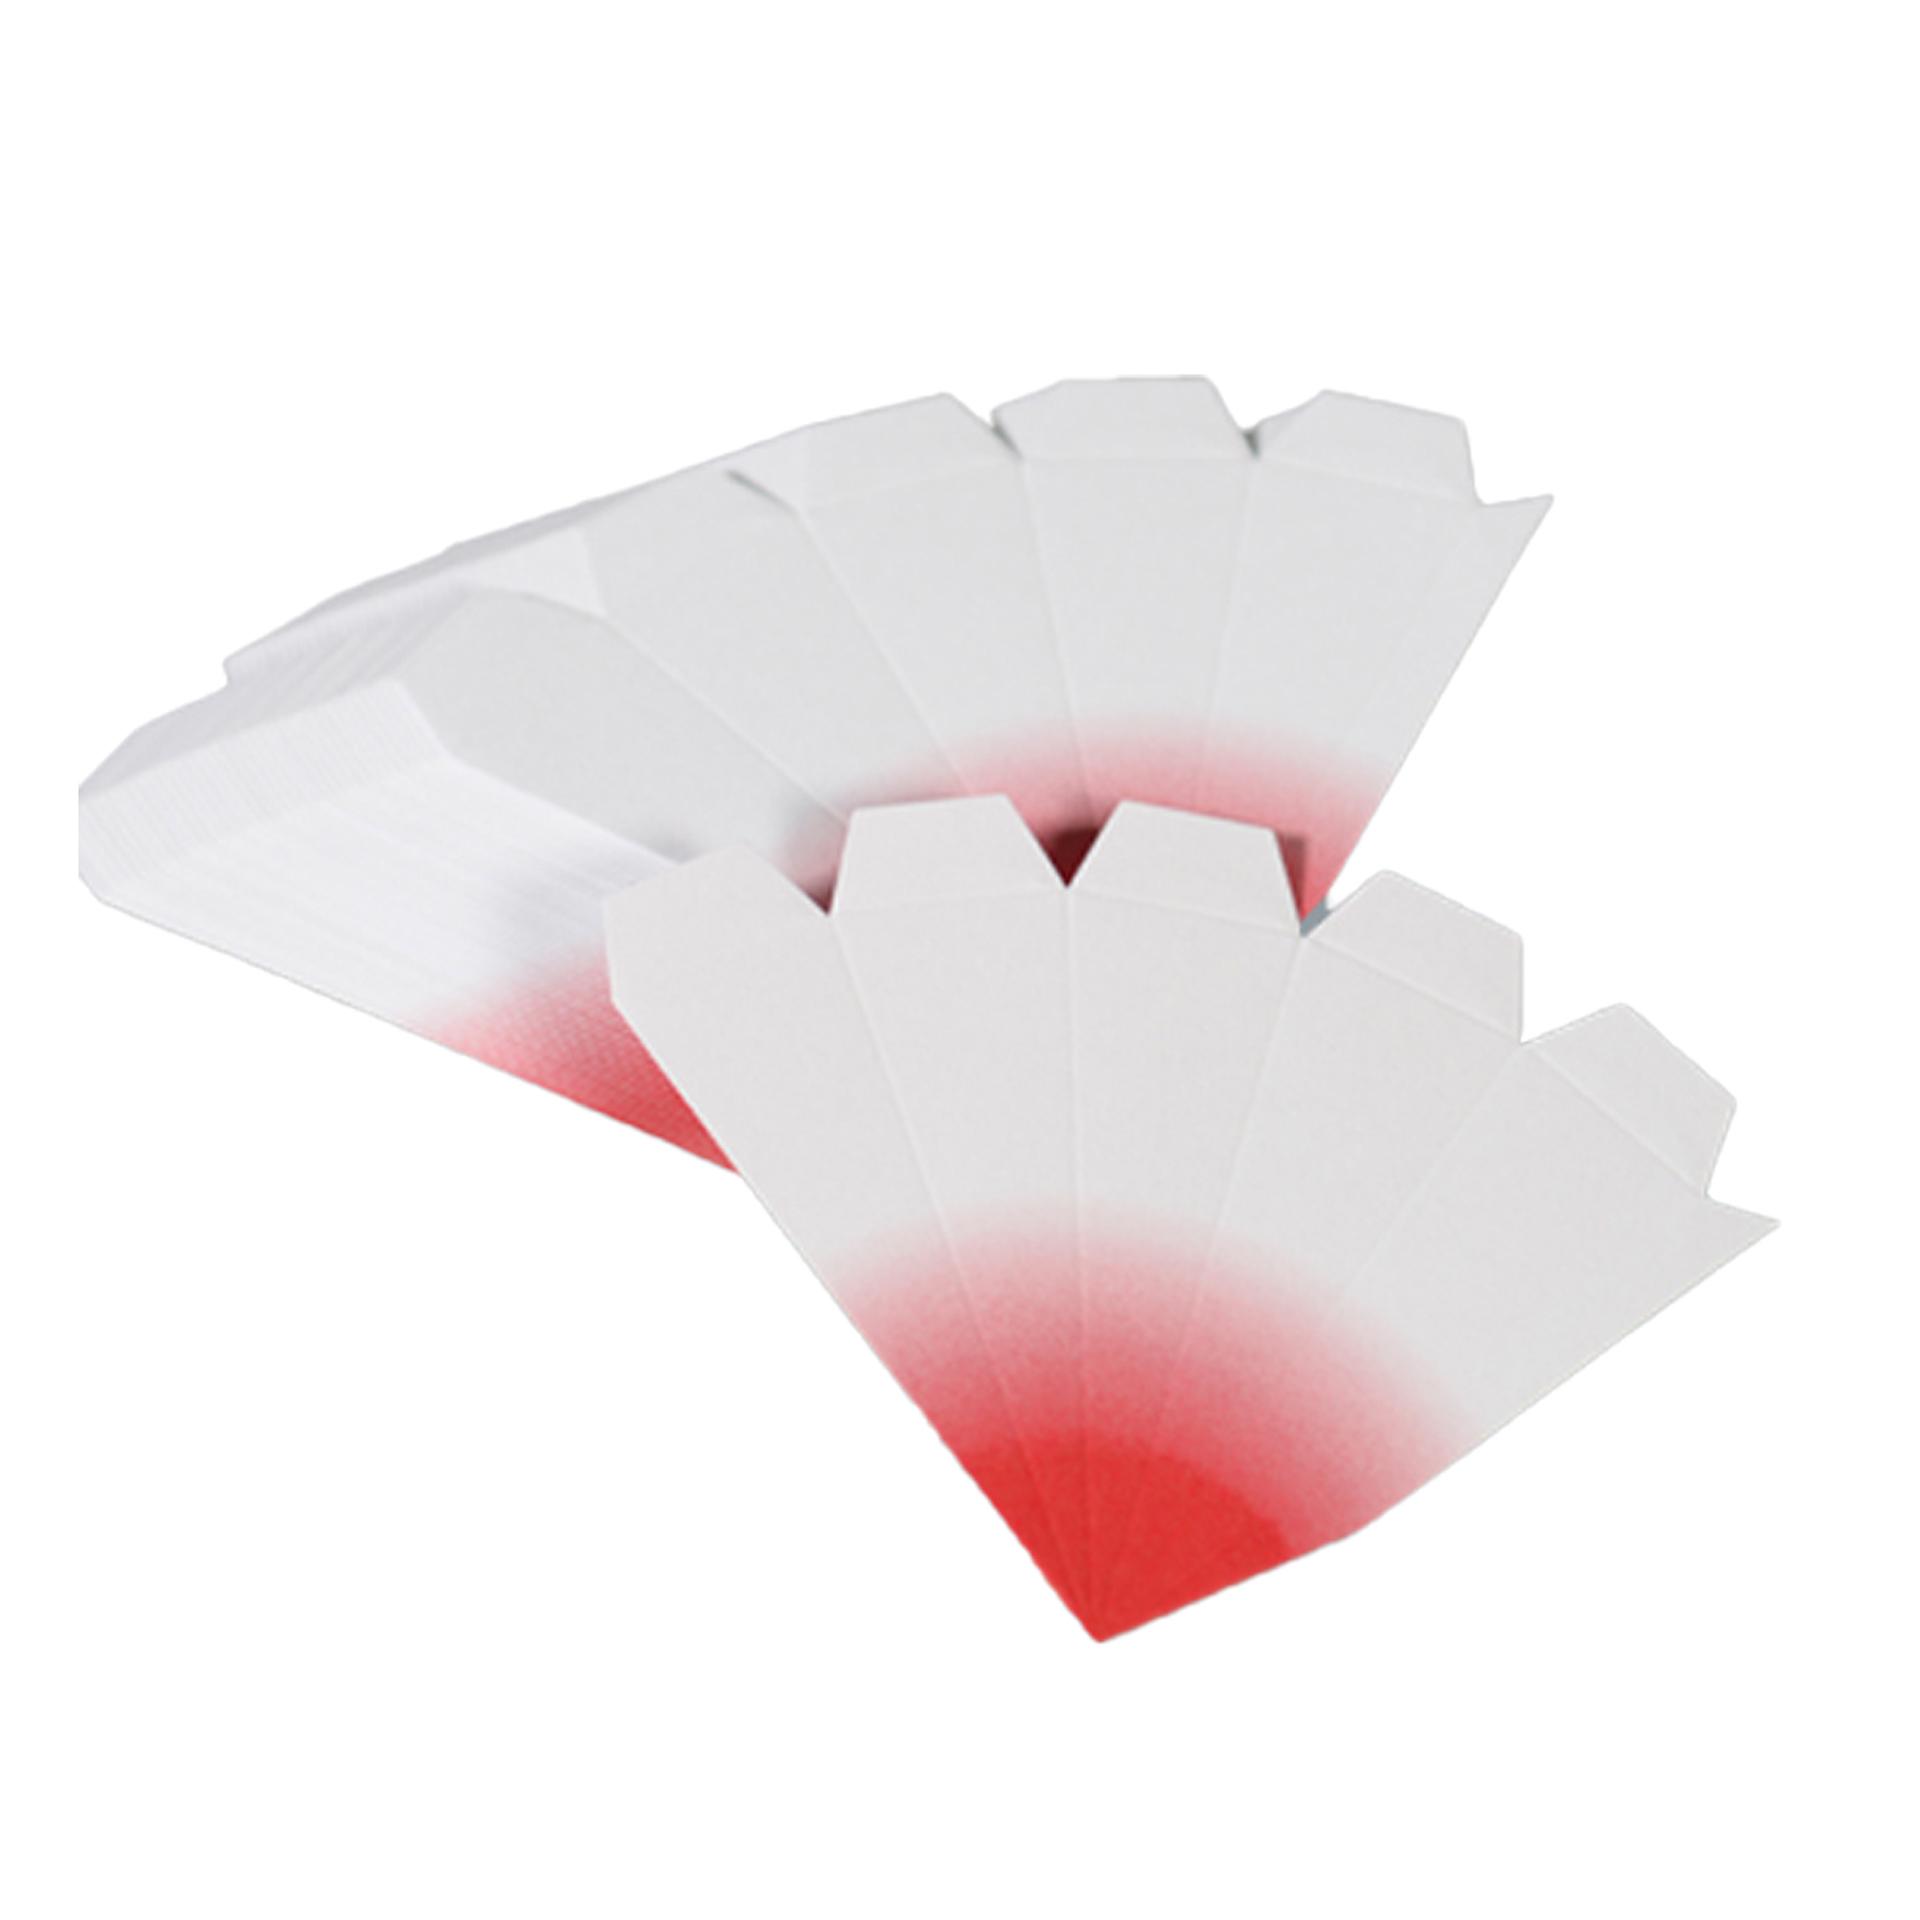 Bausatz für Adventssterne, 3er Set weiß mit roten Spitzen